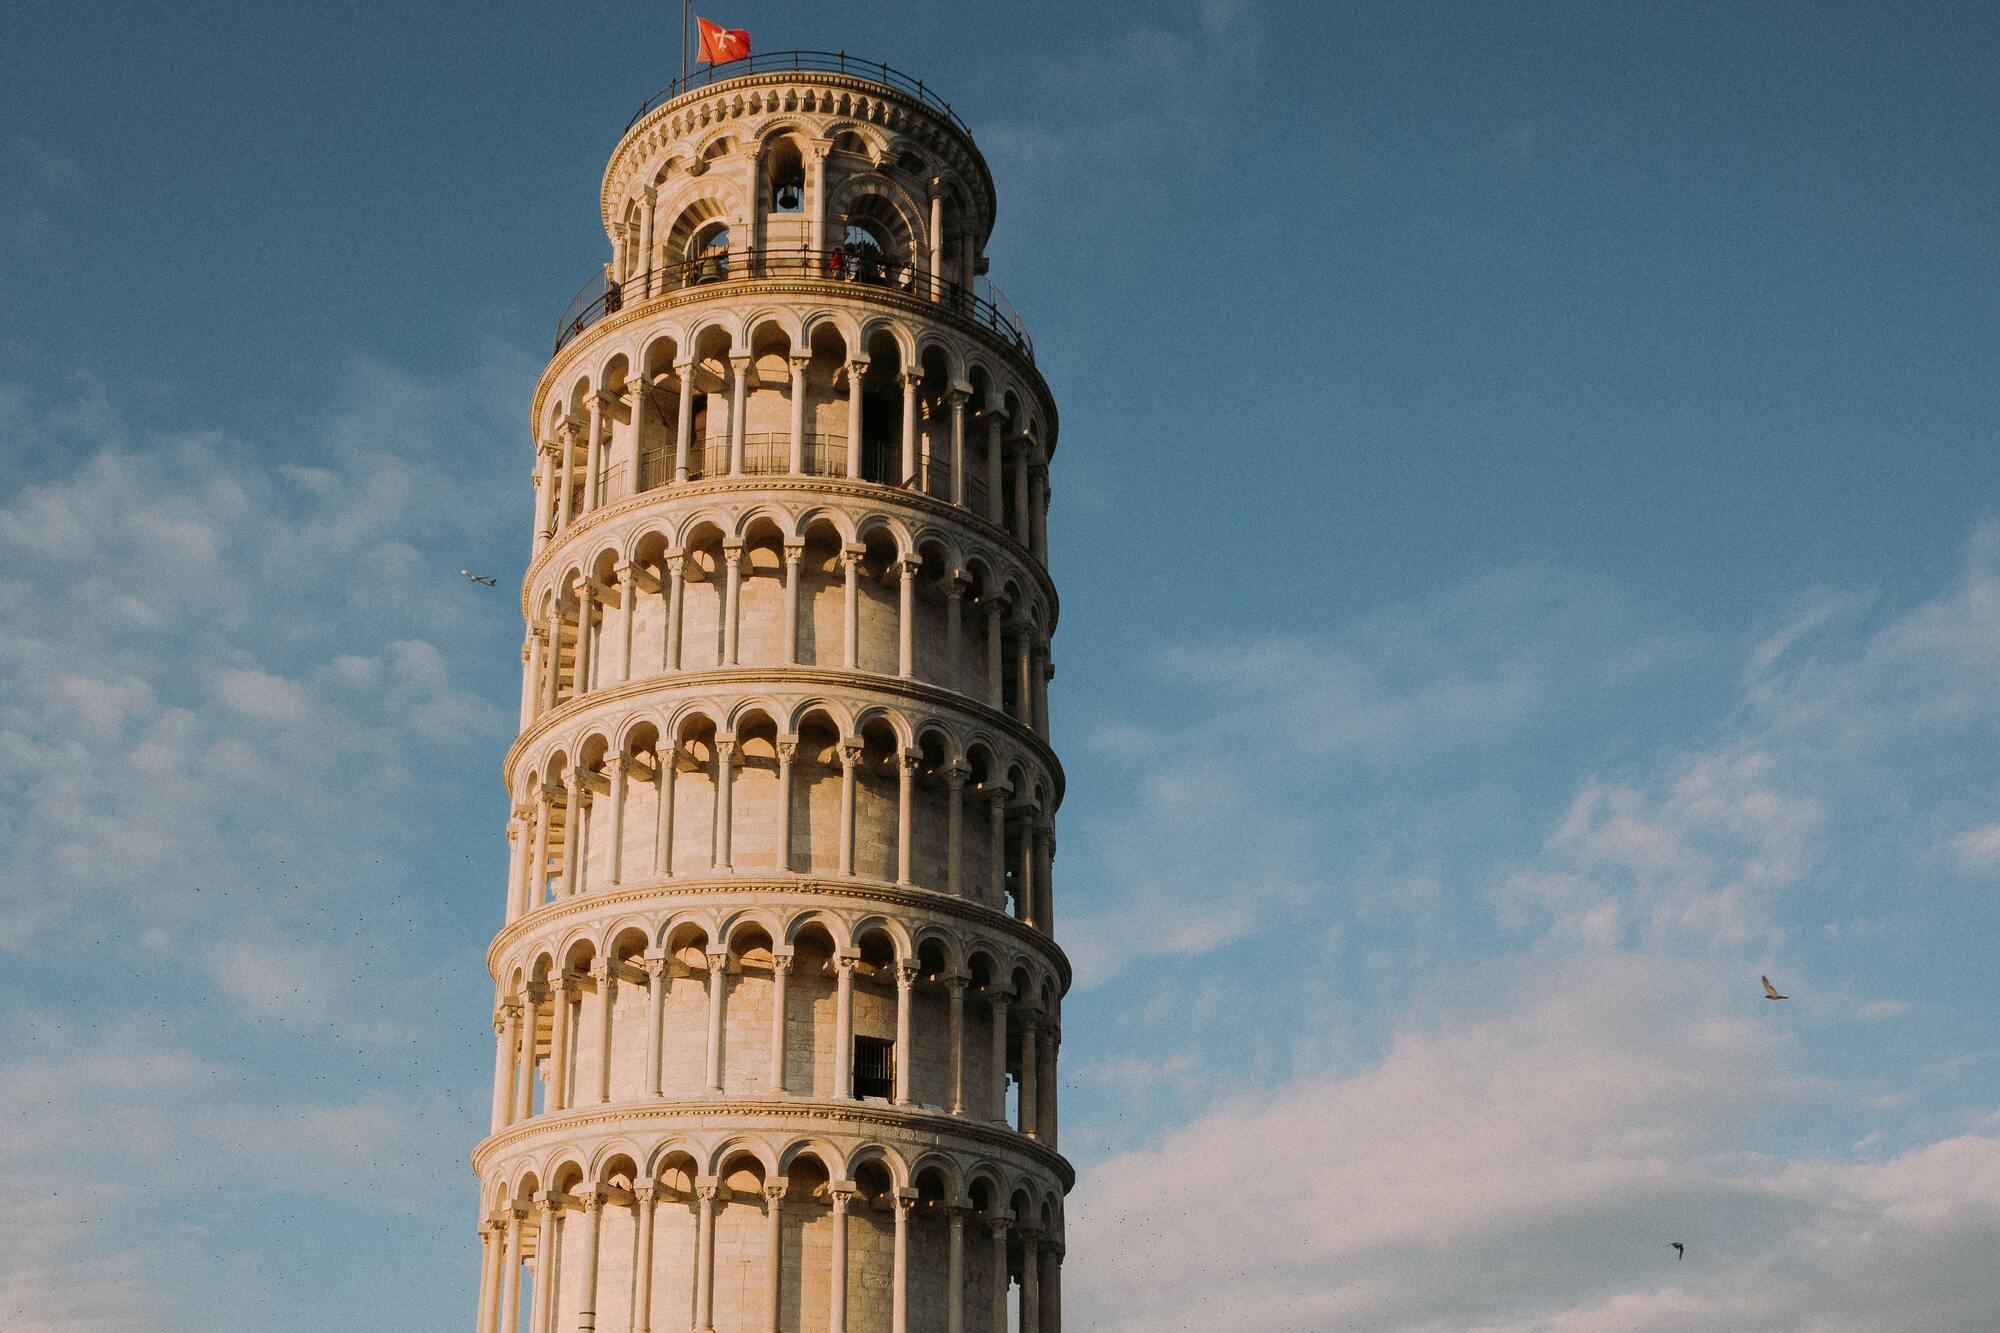 Місто Піза відоме в світі завдяки однойменній вежі.